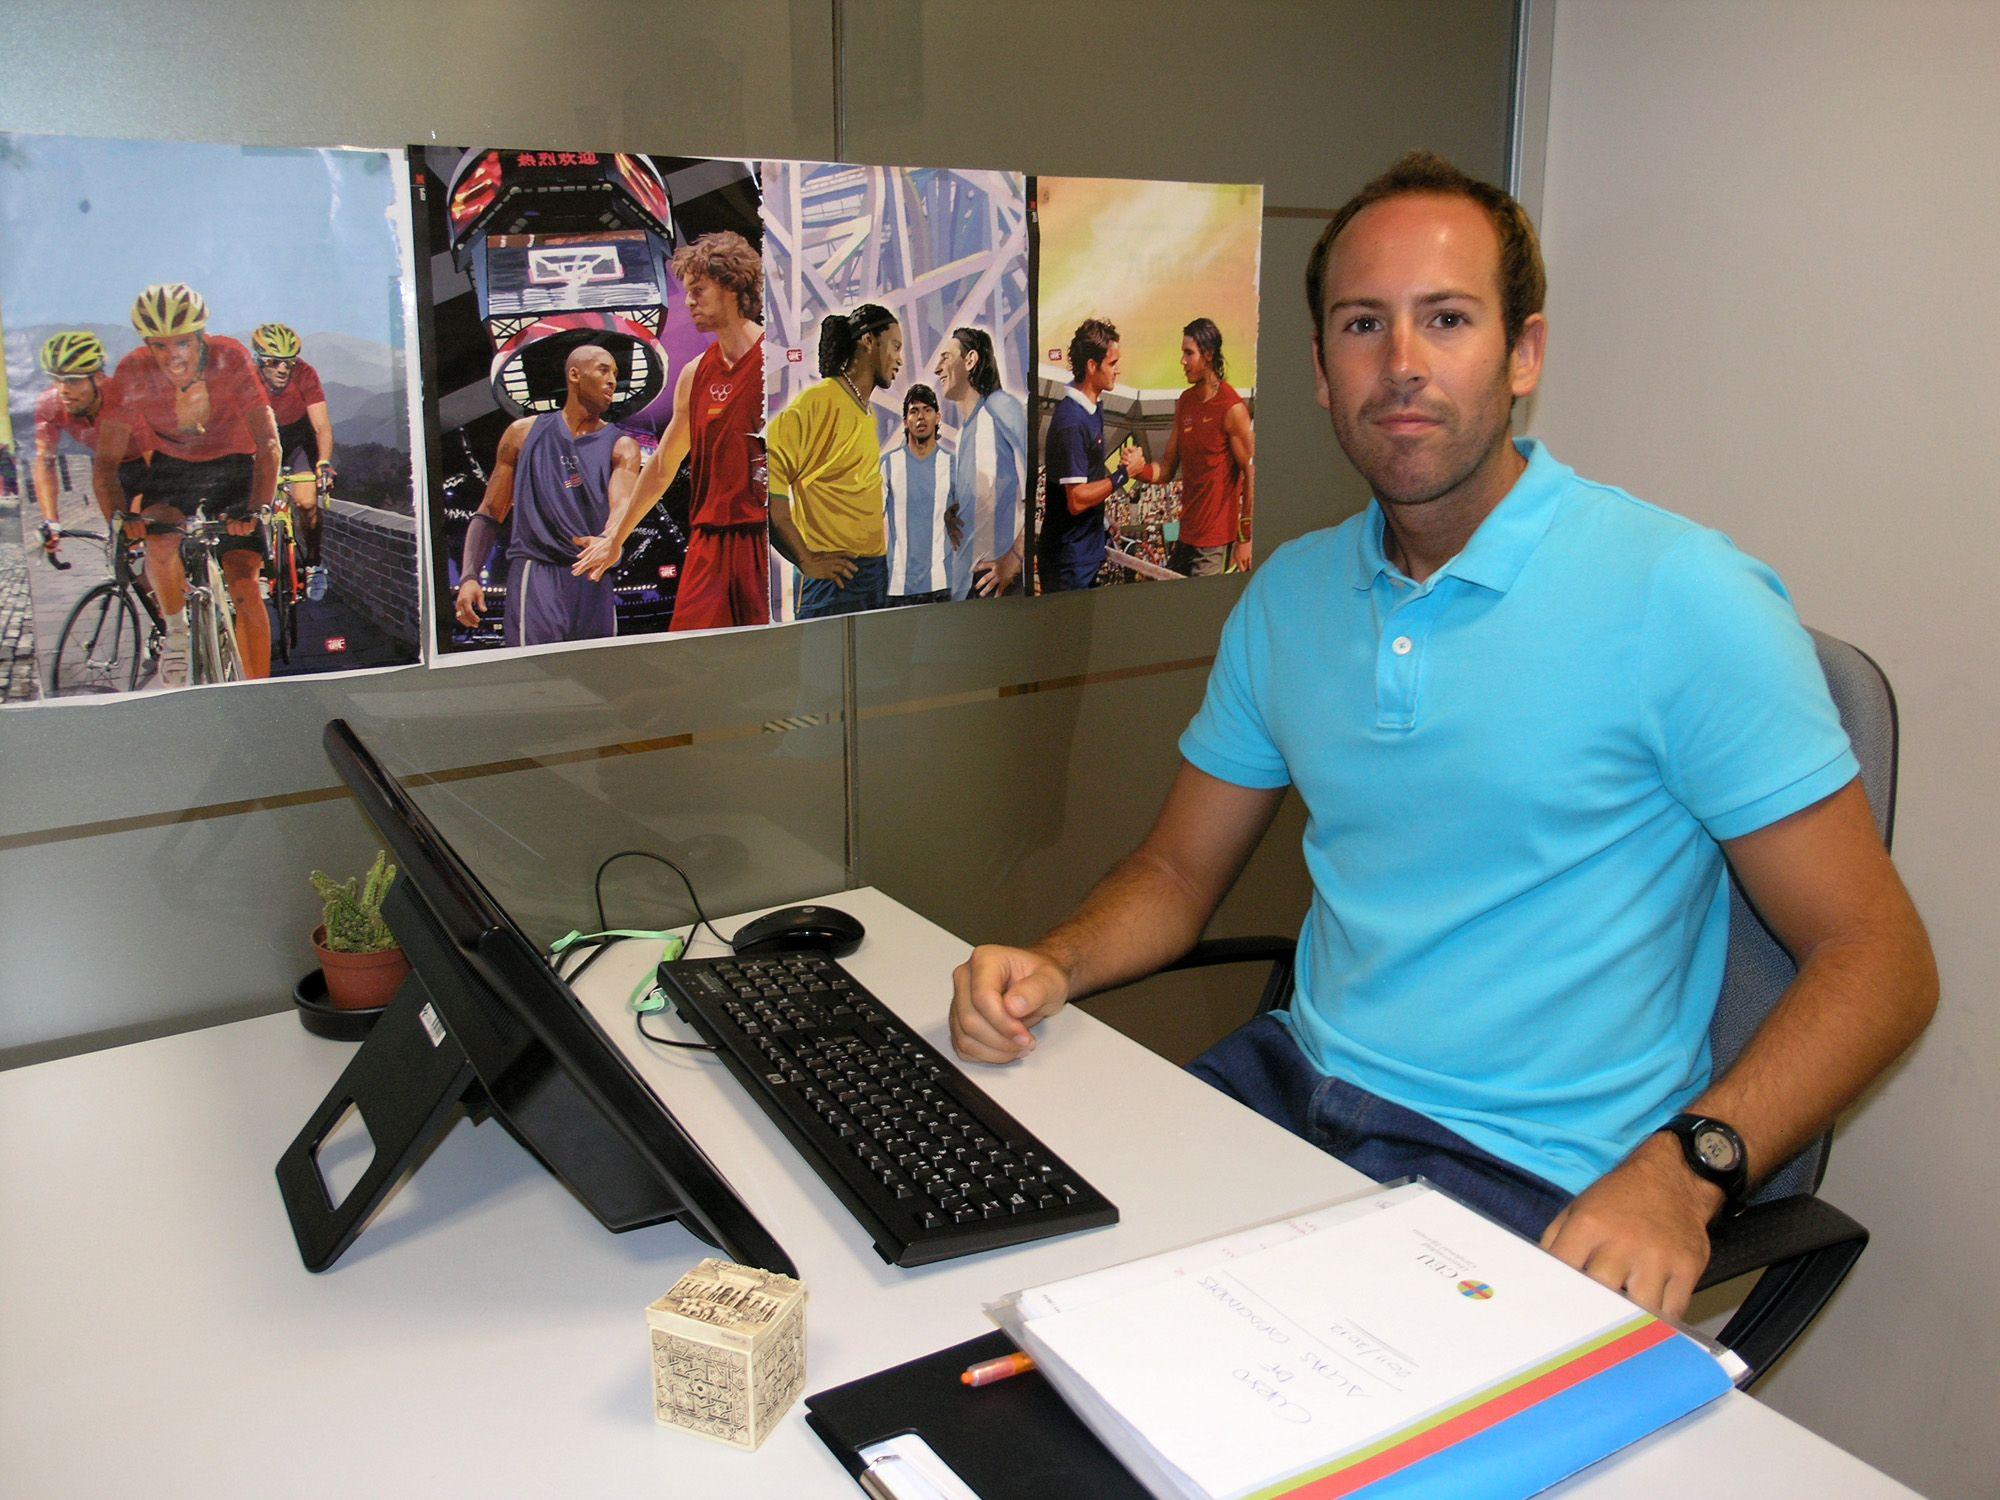 Joel Prieto Andreu, profesor de los Grados en Educación Infantil y en Educación Primaria de la Universidad CEU Cardenal Herrera en Castellón.